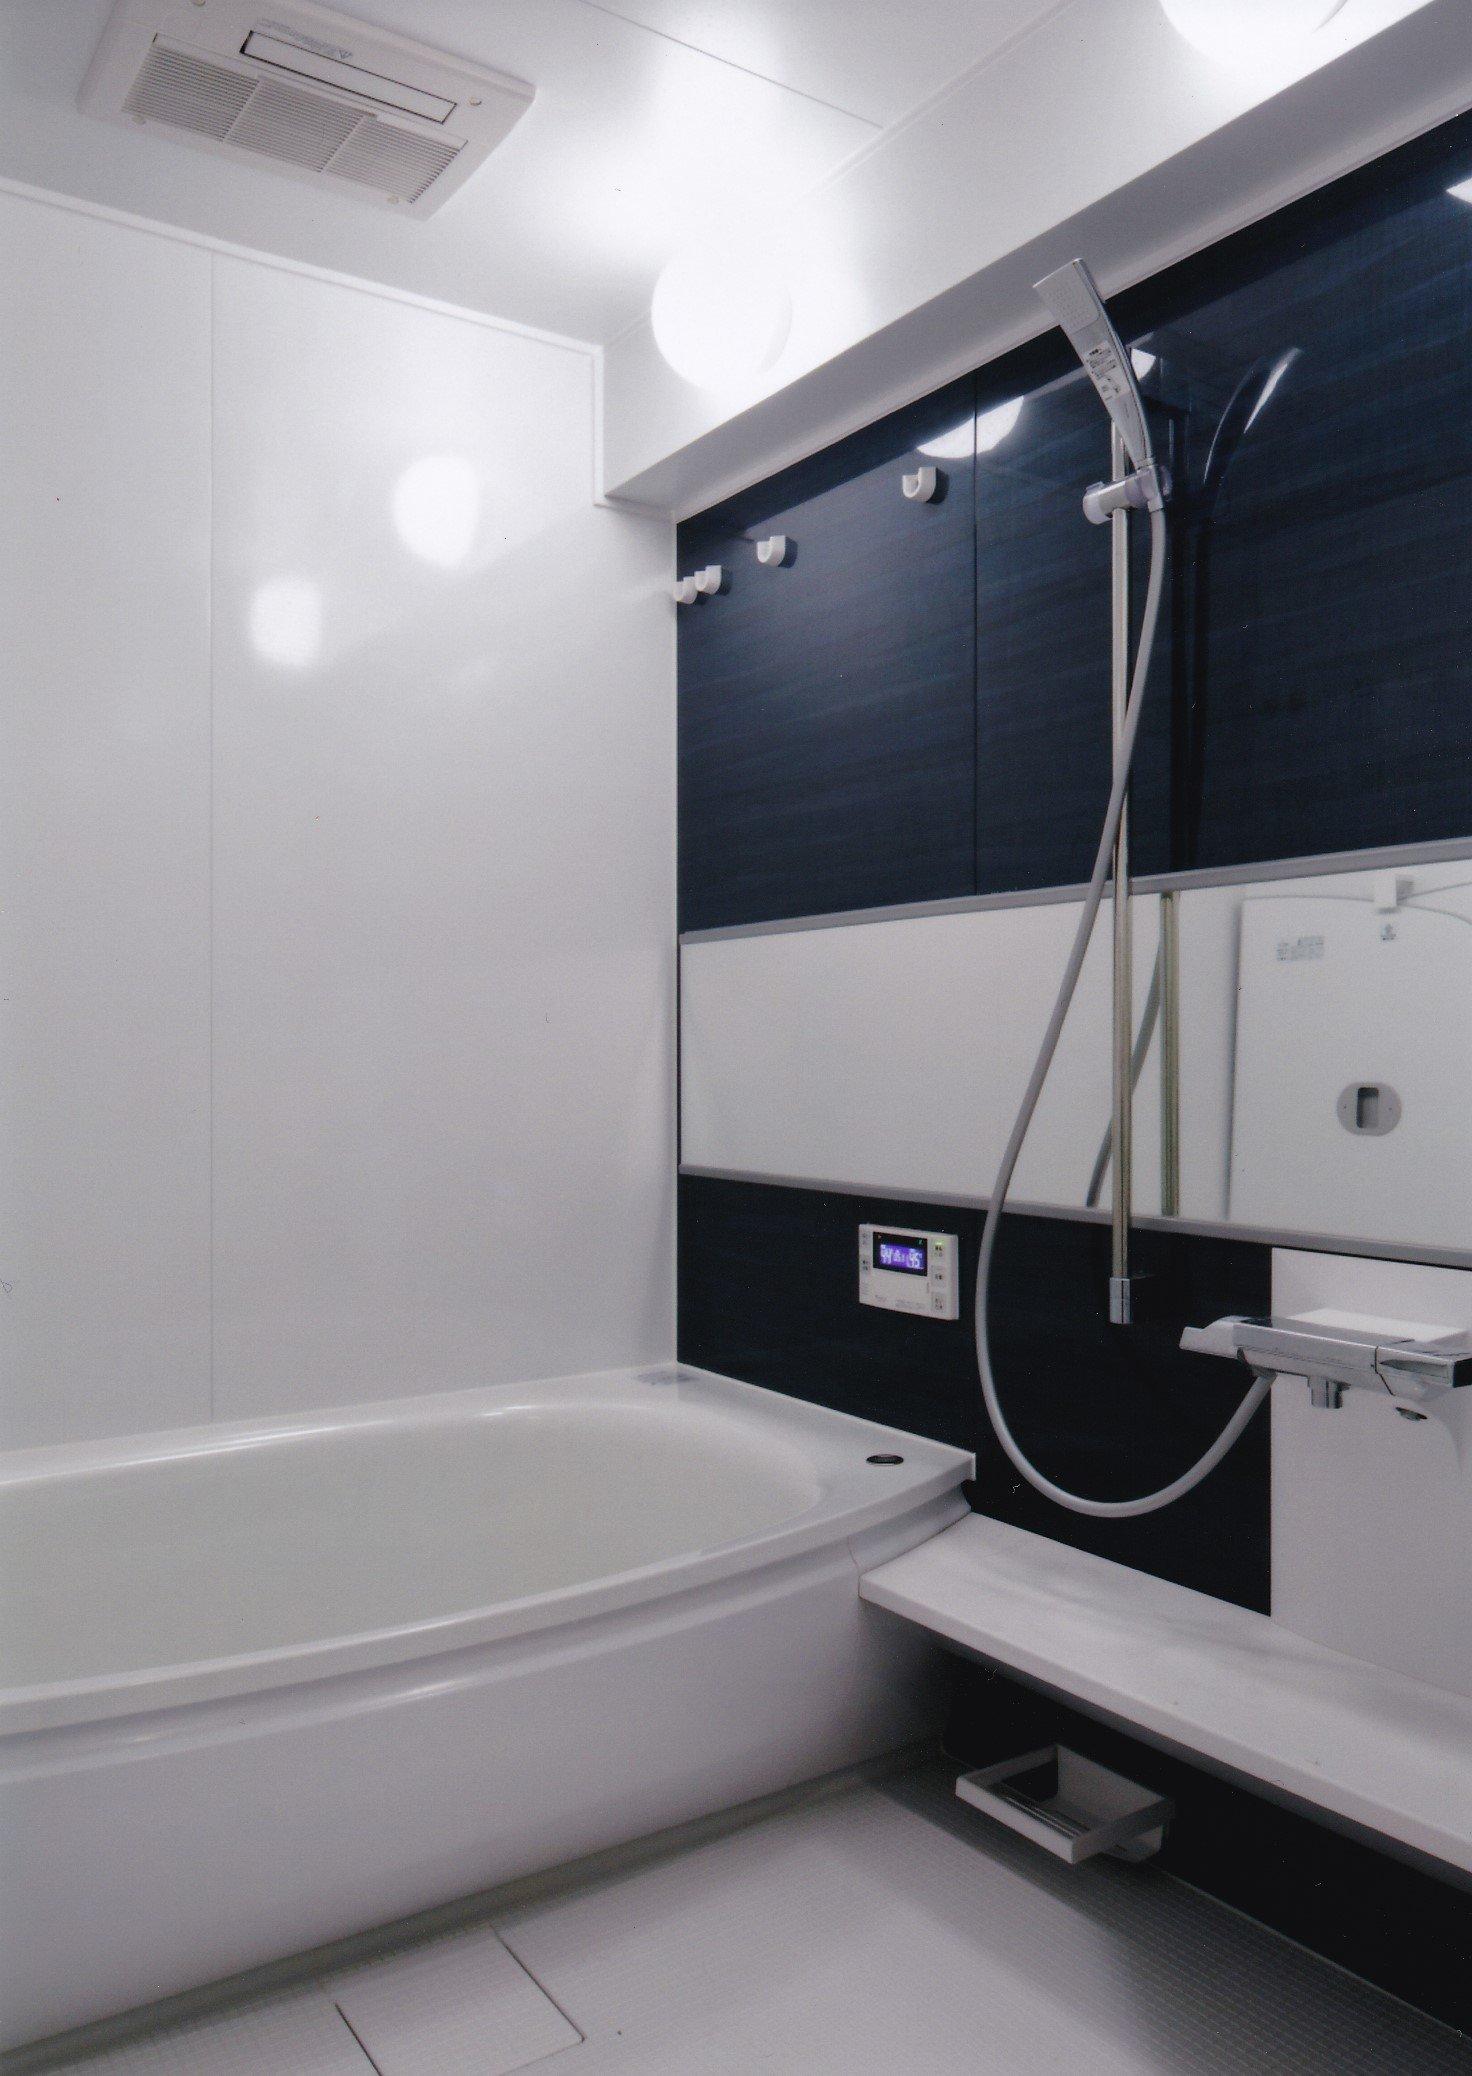 お風呂。1620(1.25坪)サイズ。TOTO製サザナ HDシリーズ Tタイプを採用しました。ほっカラリ床、エアインシャワー、魔法びん浴槽を採用。